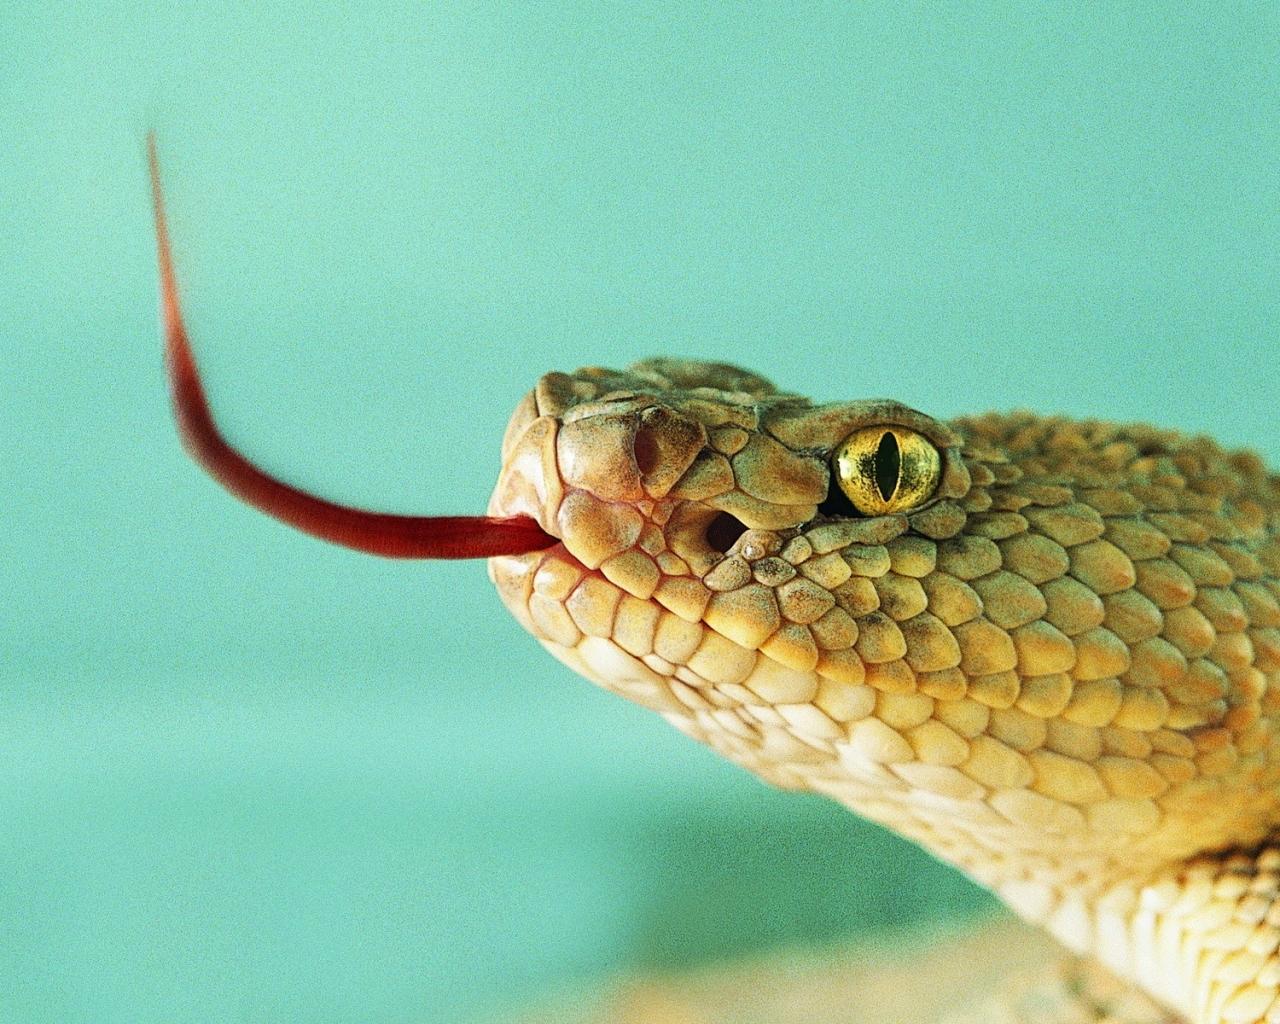 Serpiente sacando la lengua - 1280x1024